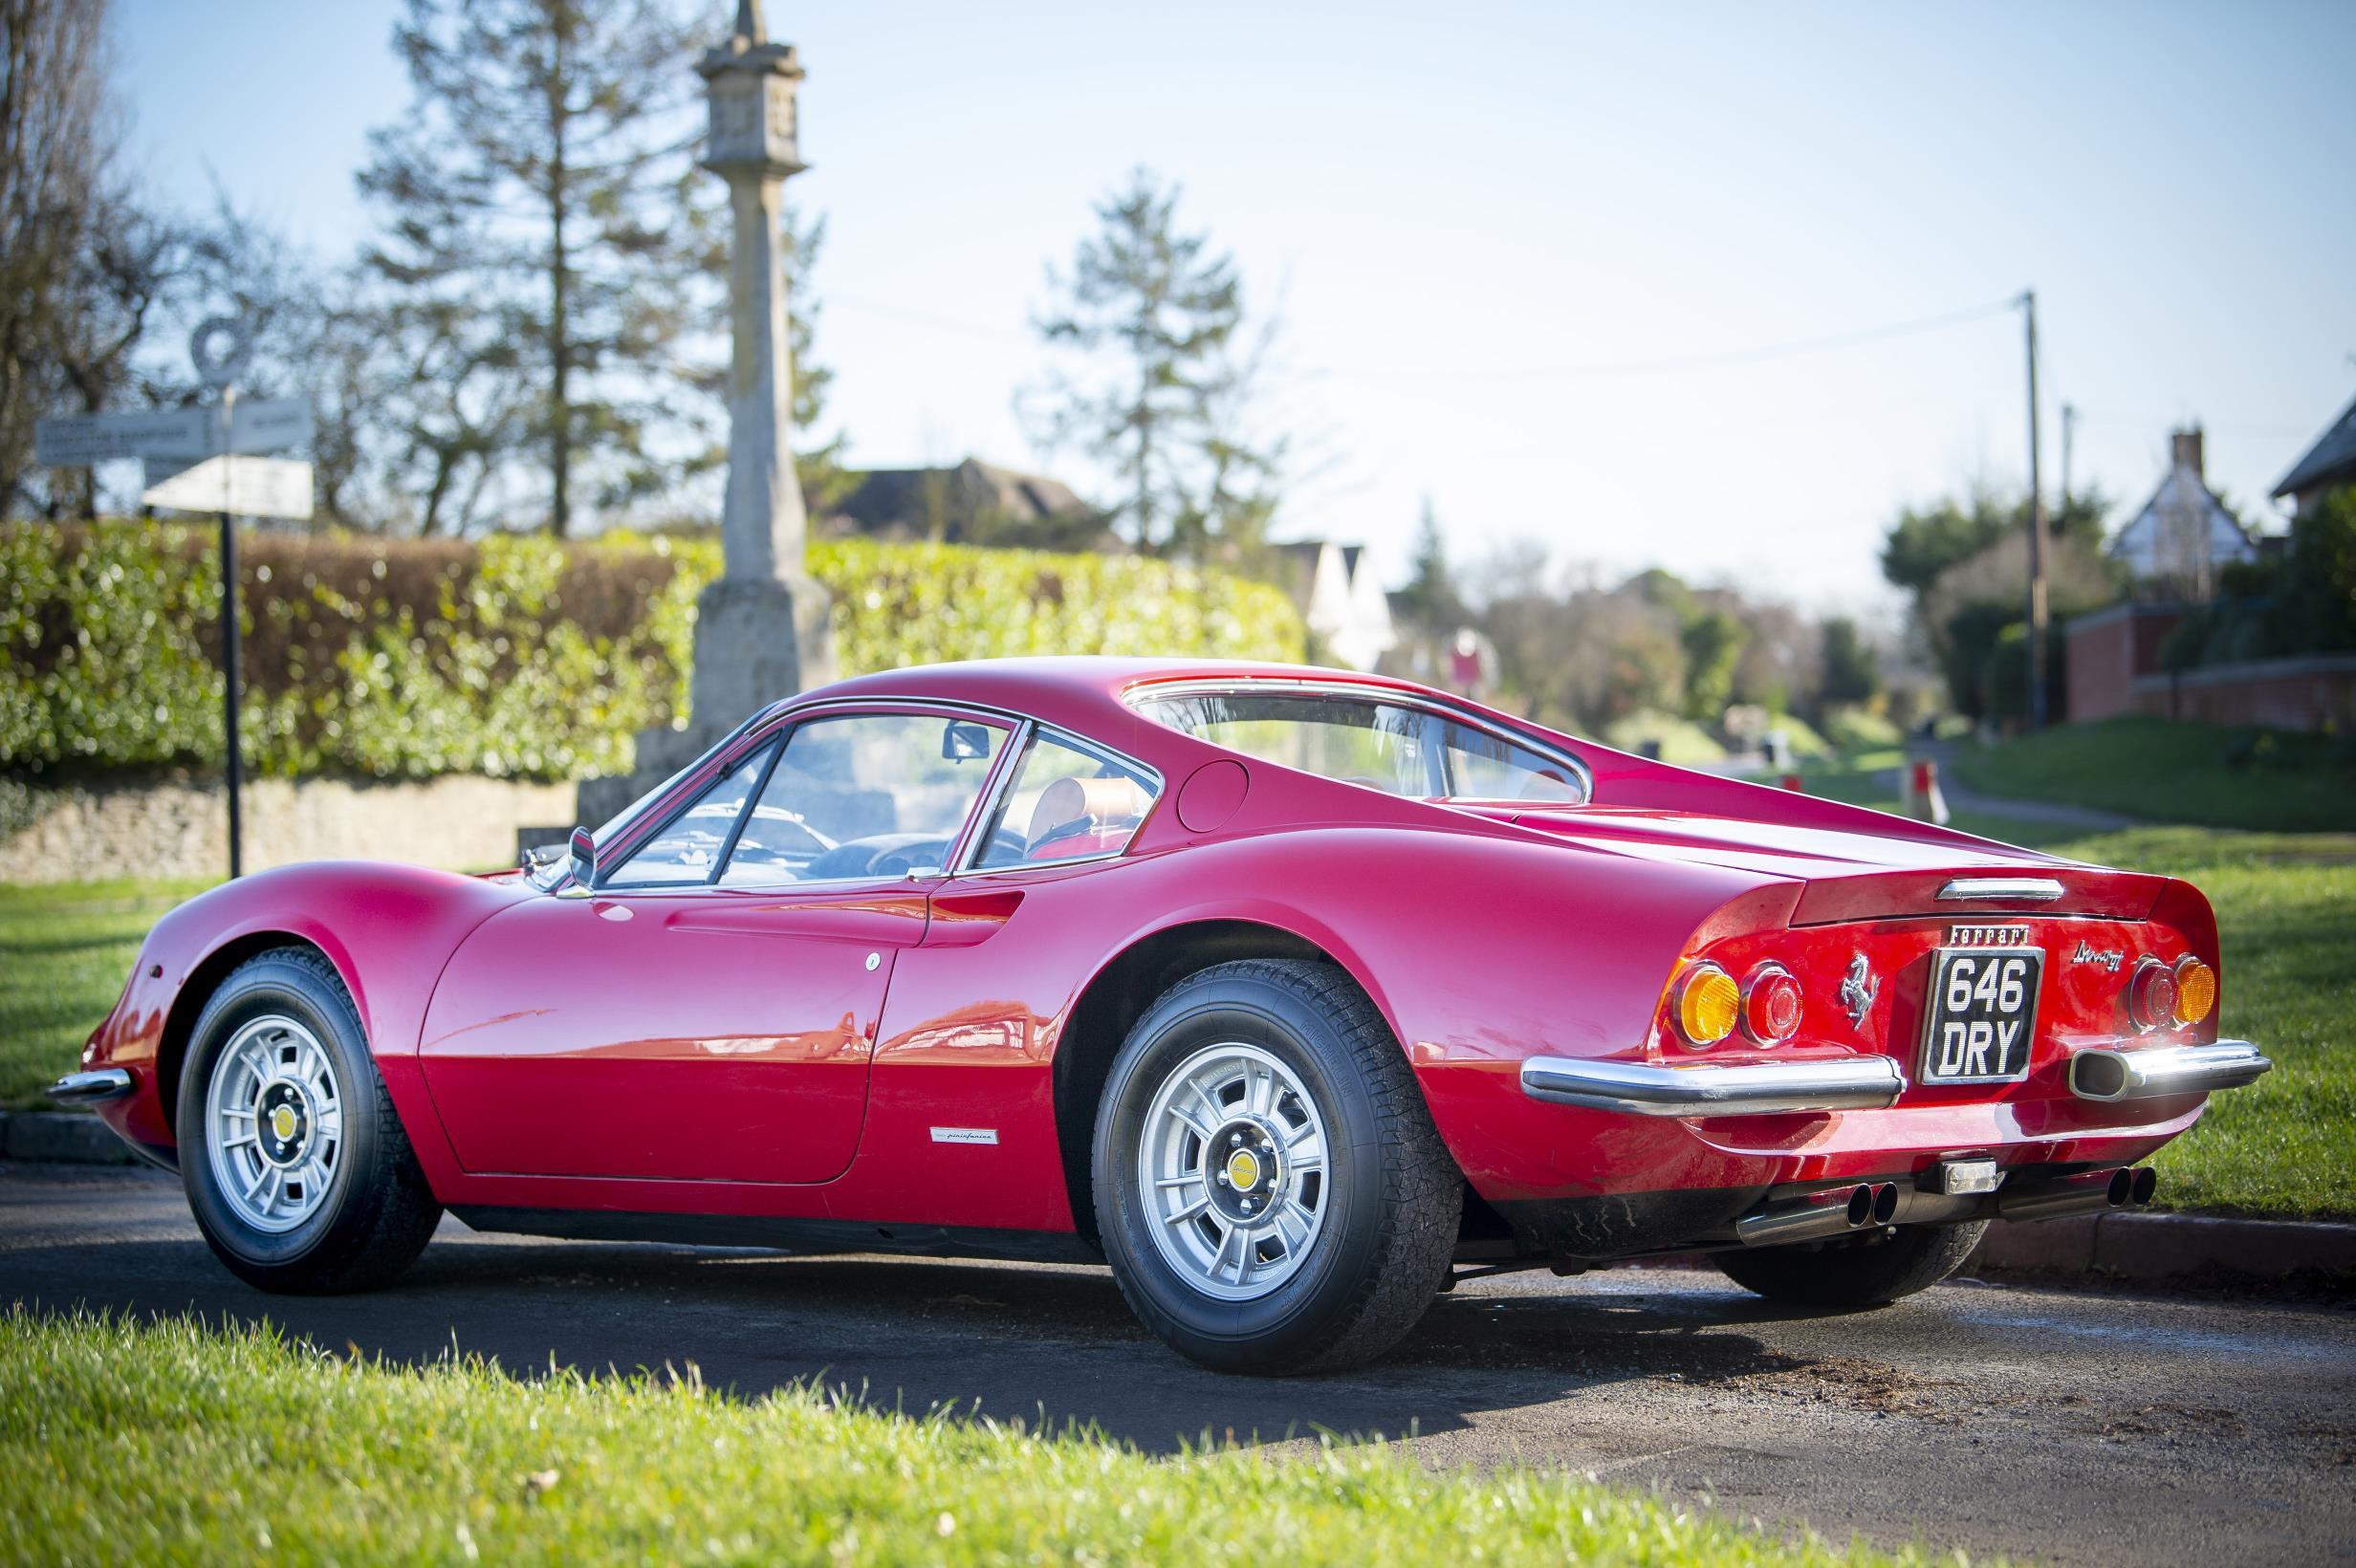 Ferrari Dino pertenceu a um homem entre 1992 e 1997. Ele comprou o mesmo carro em 2016